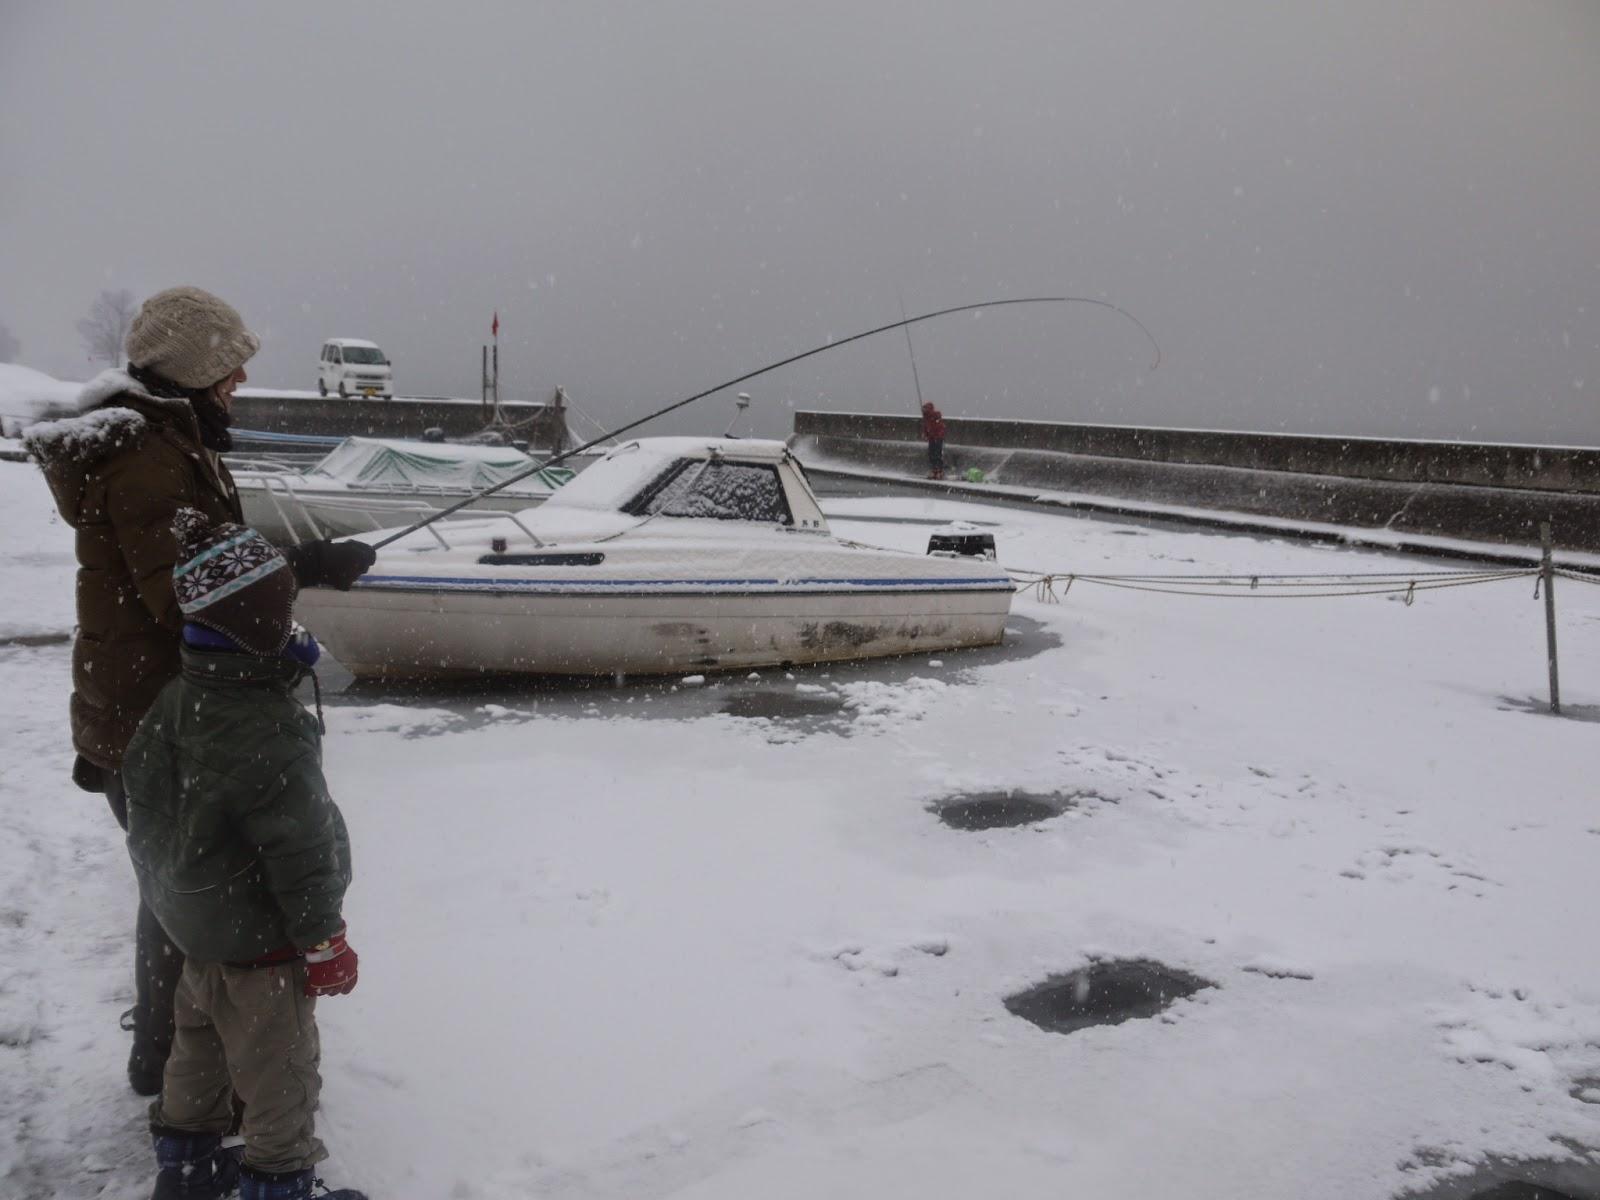 実は釣りにはまっていたのは子供の頃を思い出した奥さんでした